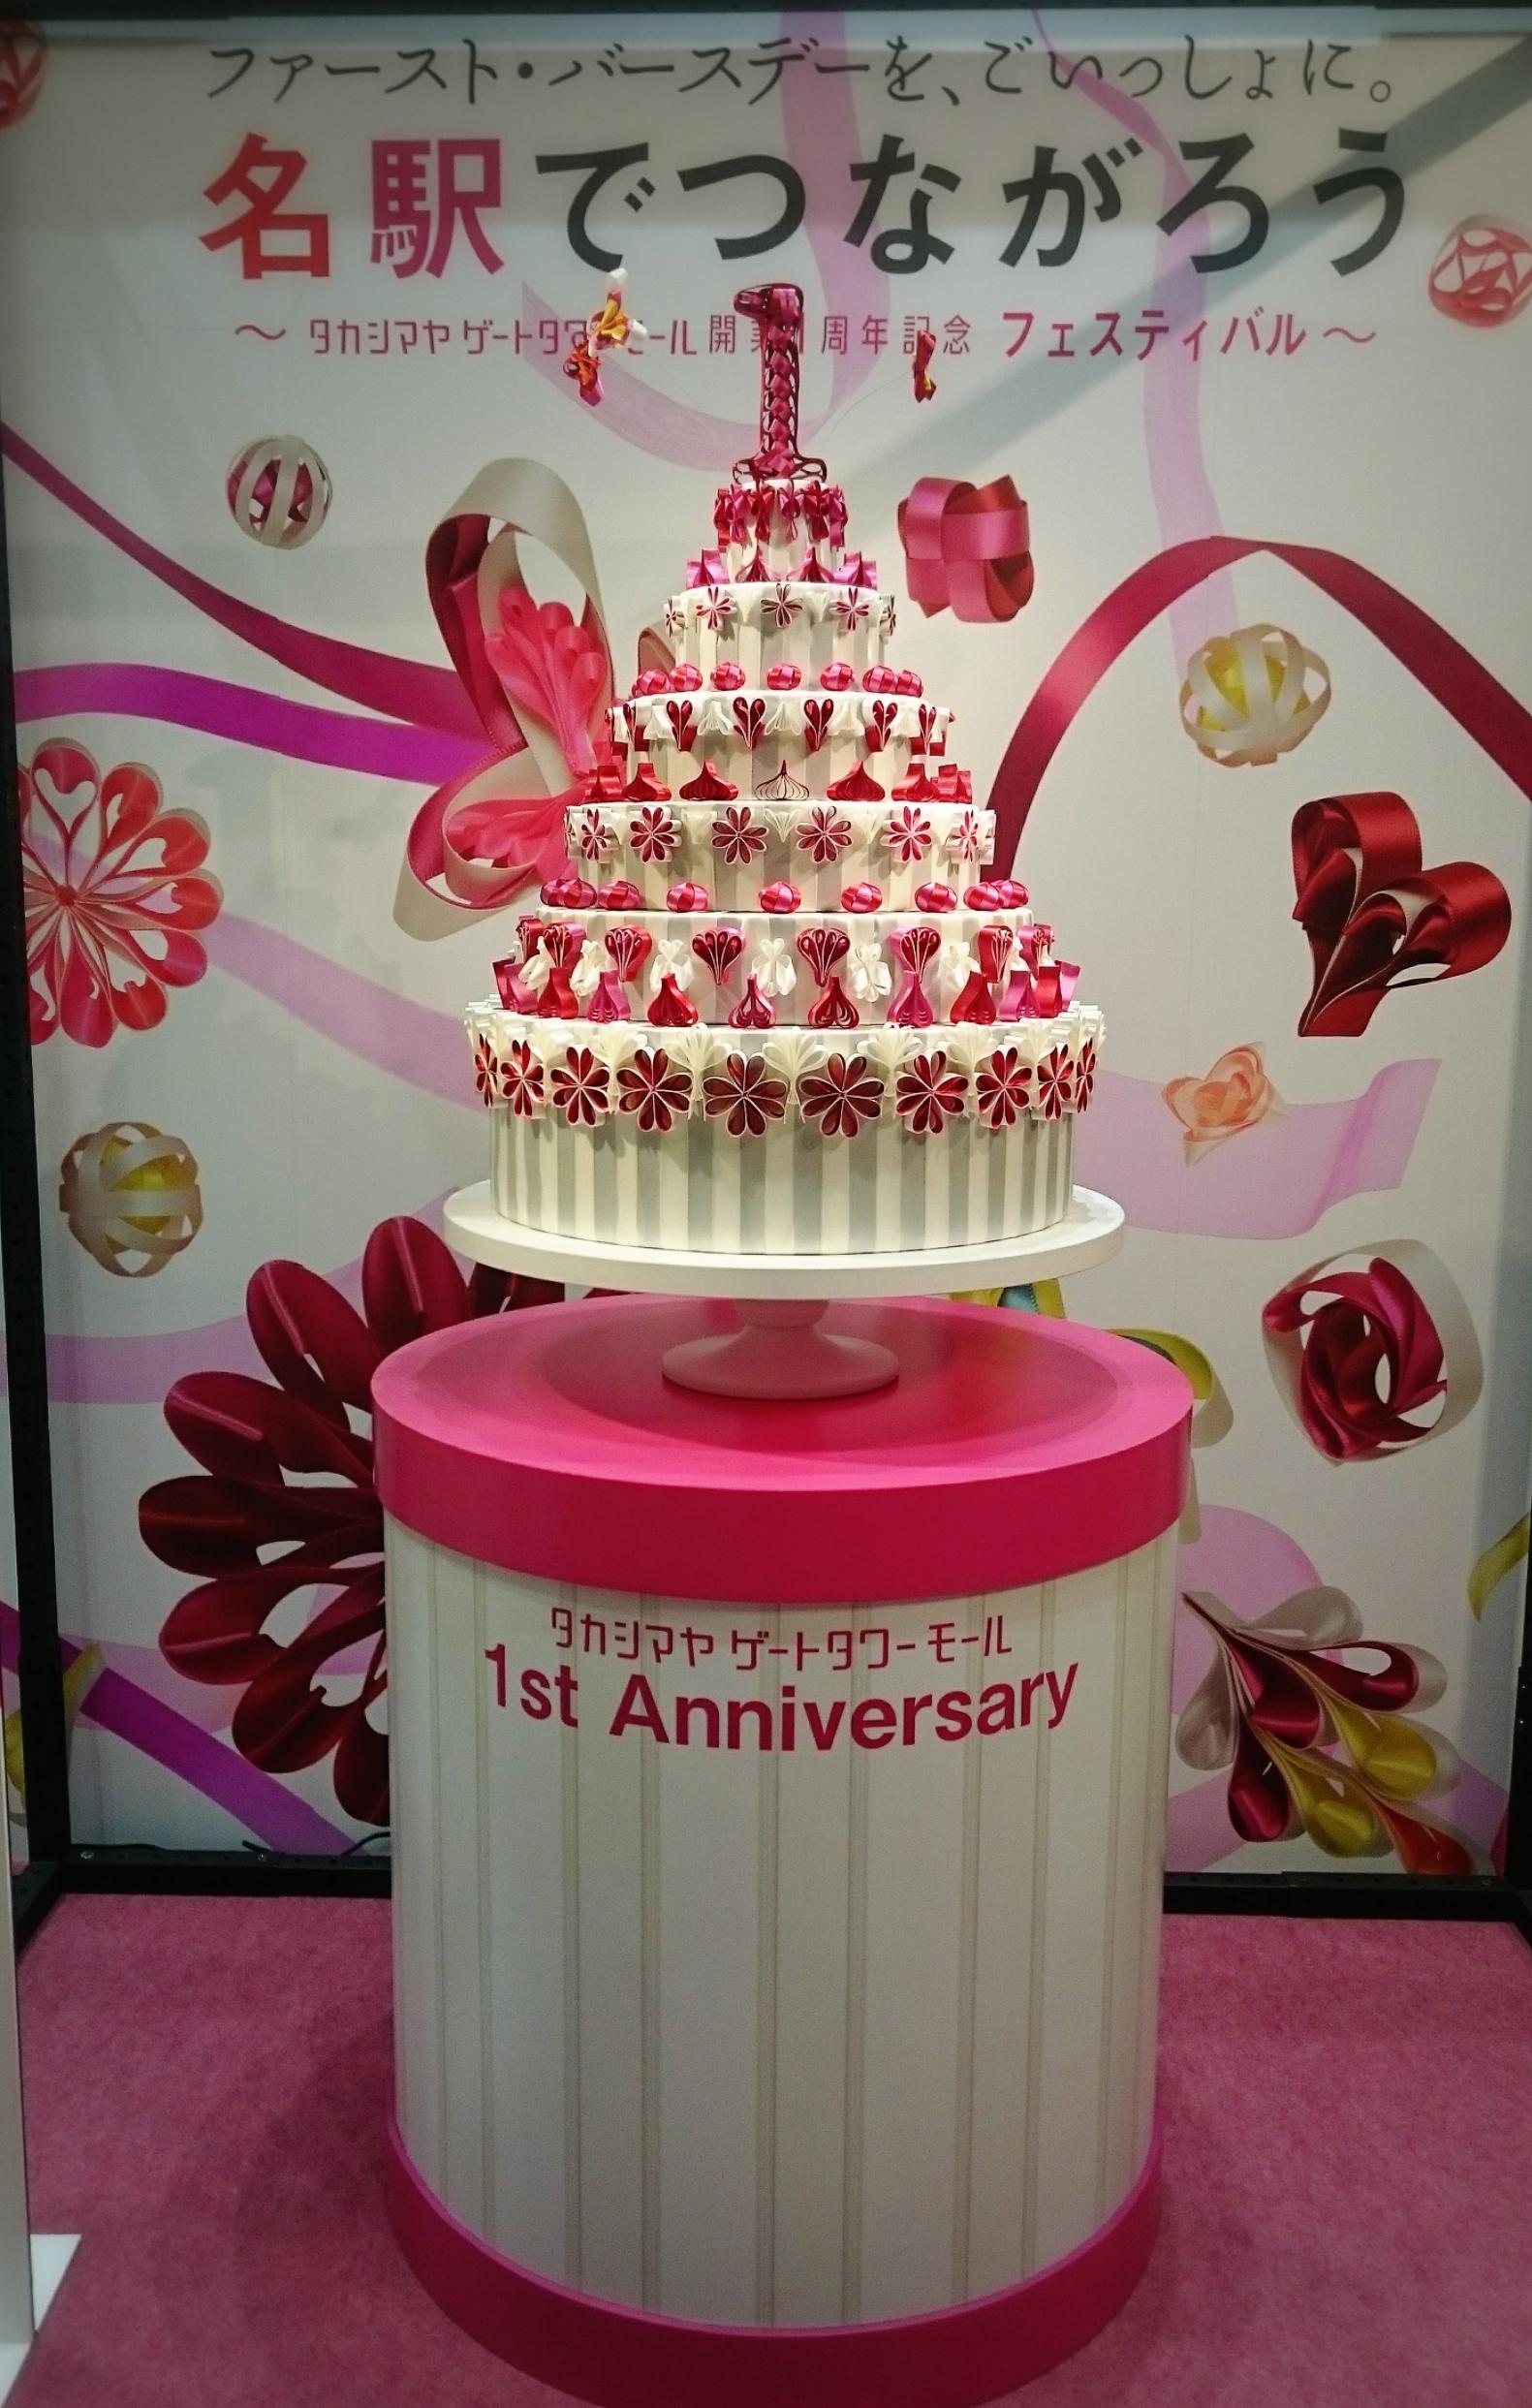 タカシマヤゲートタワーモール開業1周年記念フェスティバル開催中!